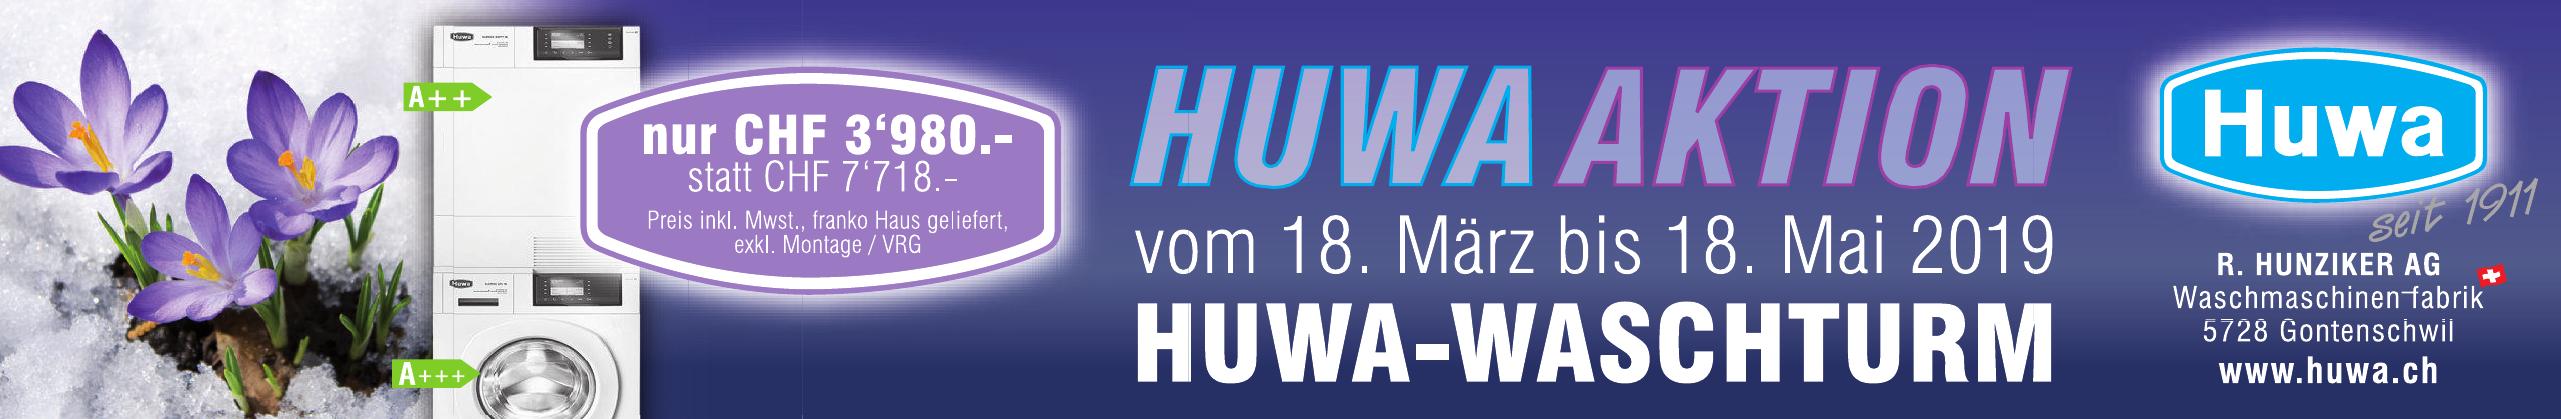 Huwa R. Hunziker AG